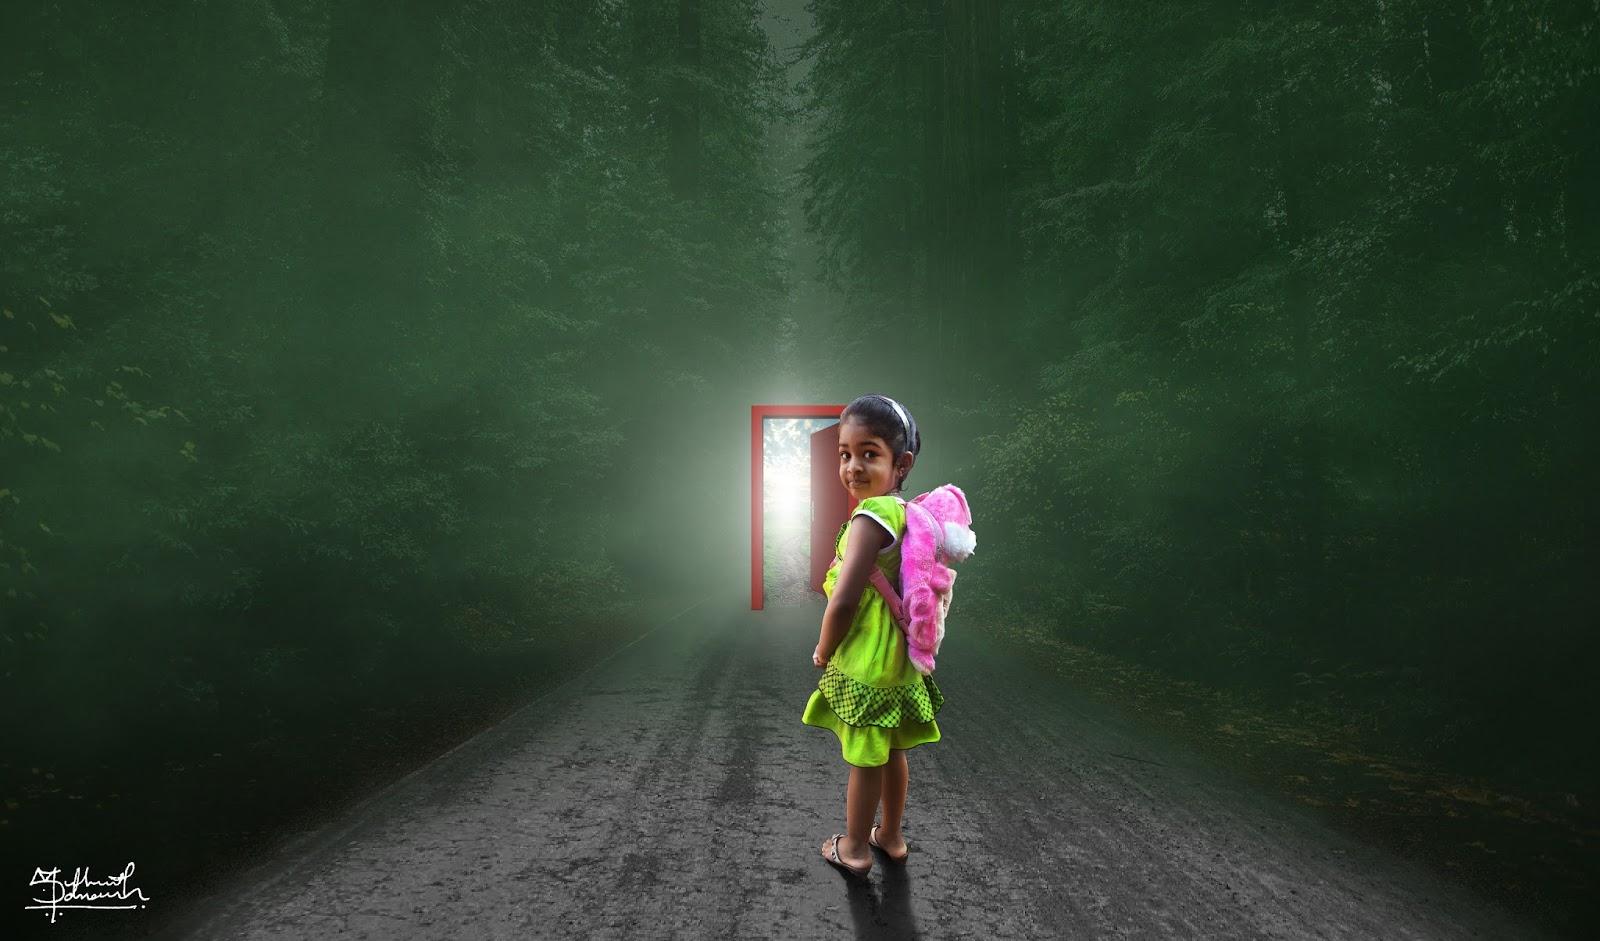 Photo Manipulation Little Girl Red Door Photoshop Tutorials By